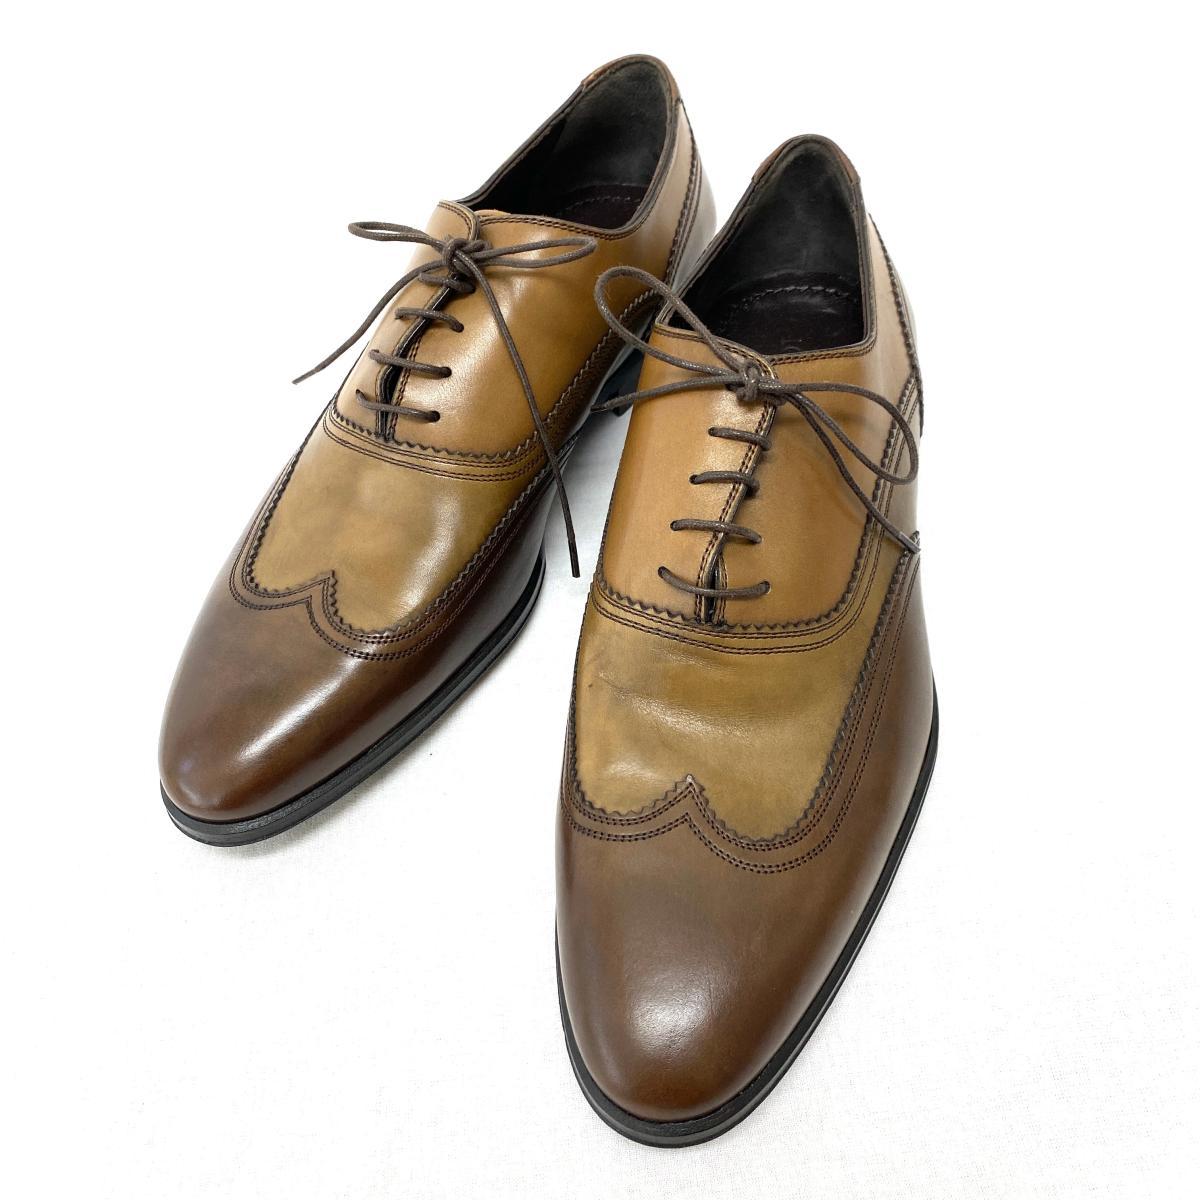 ◆LOUIS VUITTON ルイヴィトン レザーシューズ サイズ 6 1/2◆ウィングチップ/ローファー/brown /茶/ブラウン/メンズ/革靴/KI1004【中古】